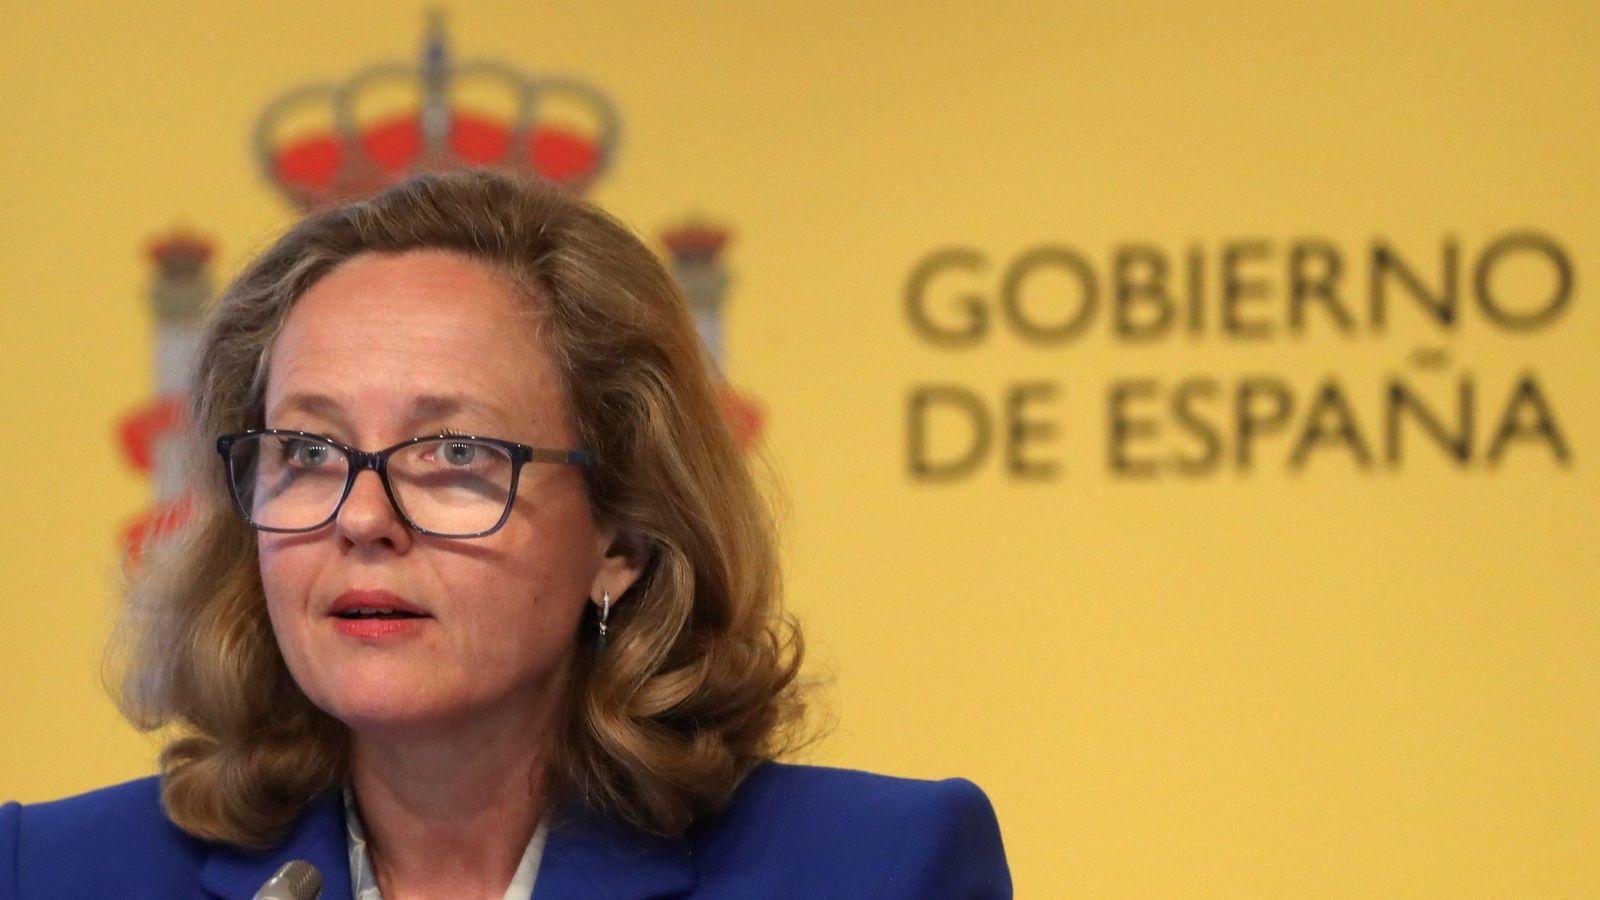 Foto: La ministra de Economía, Nadia Calviño, en una rueda de prensa. (EFE)